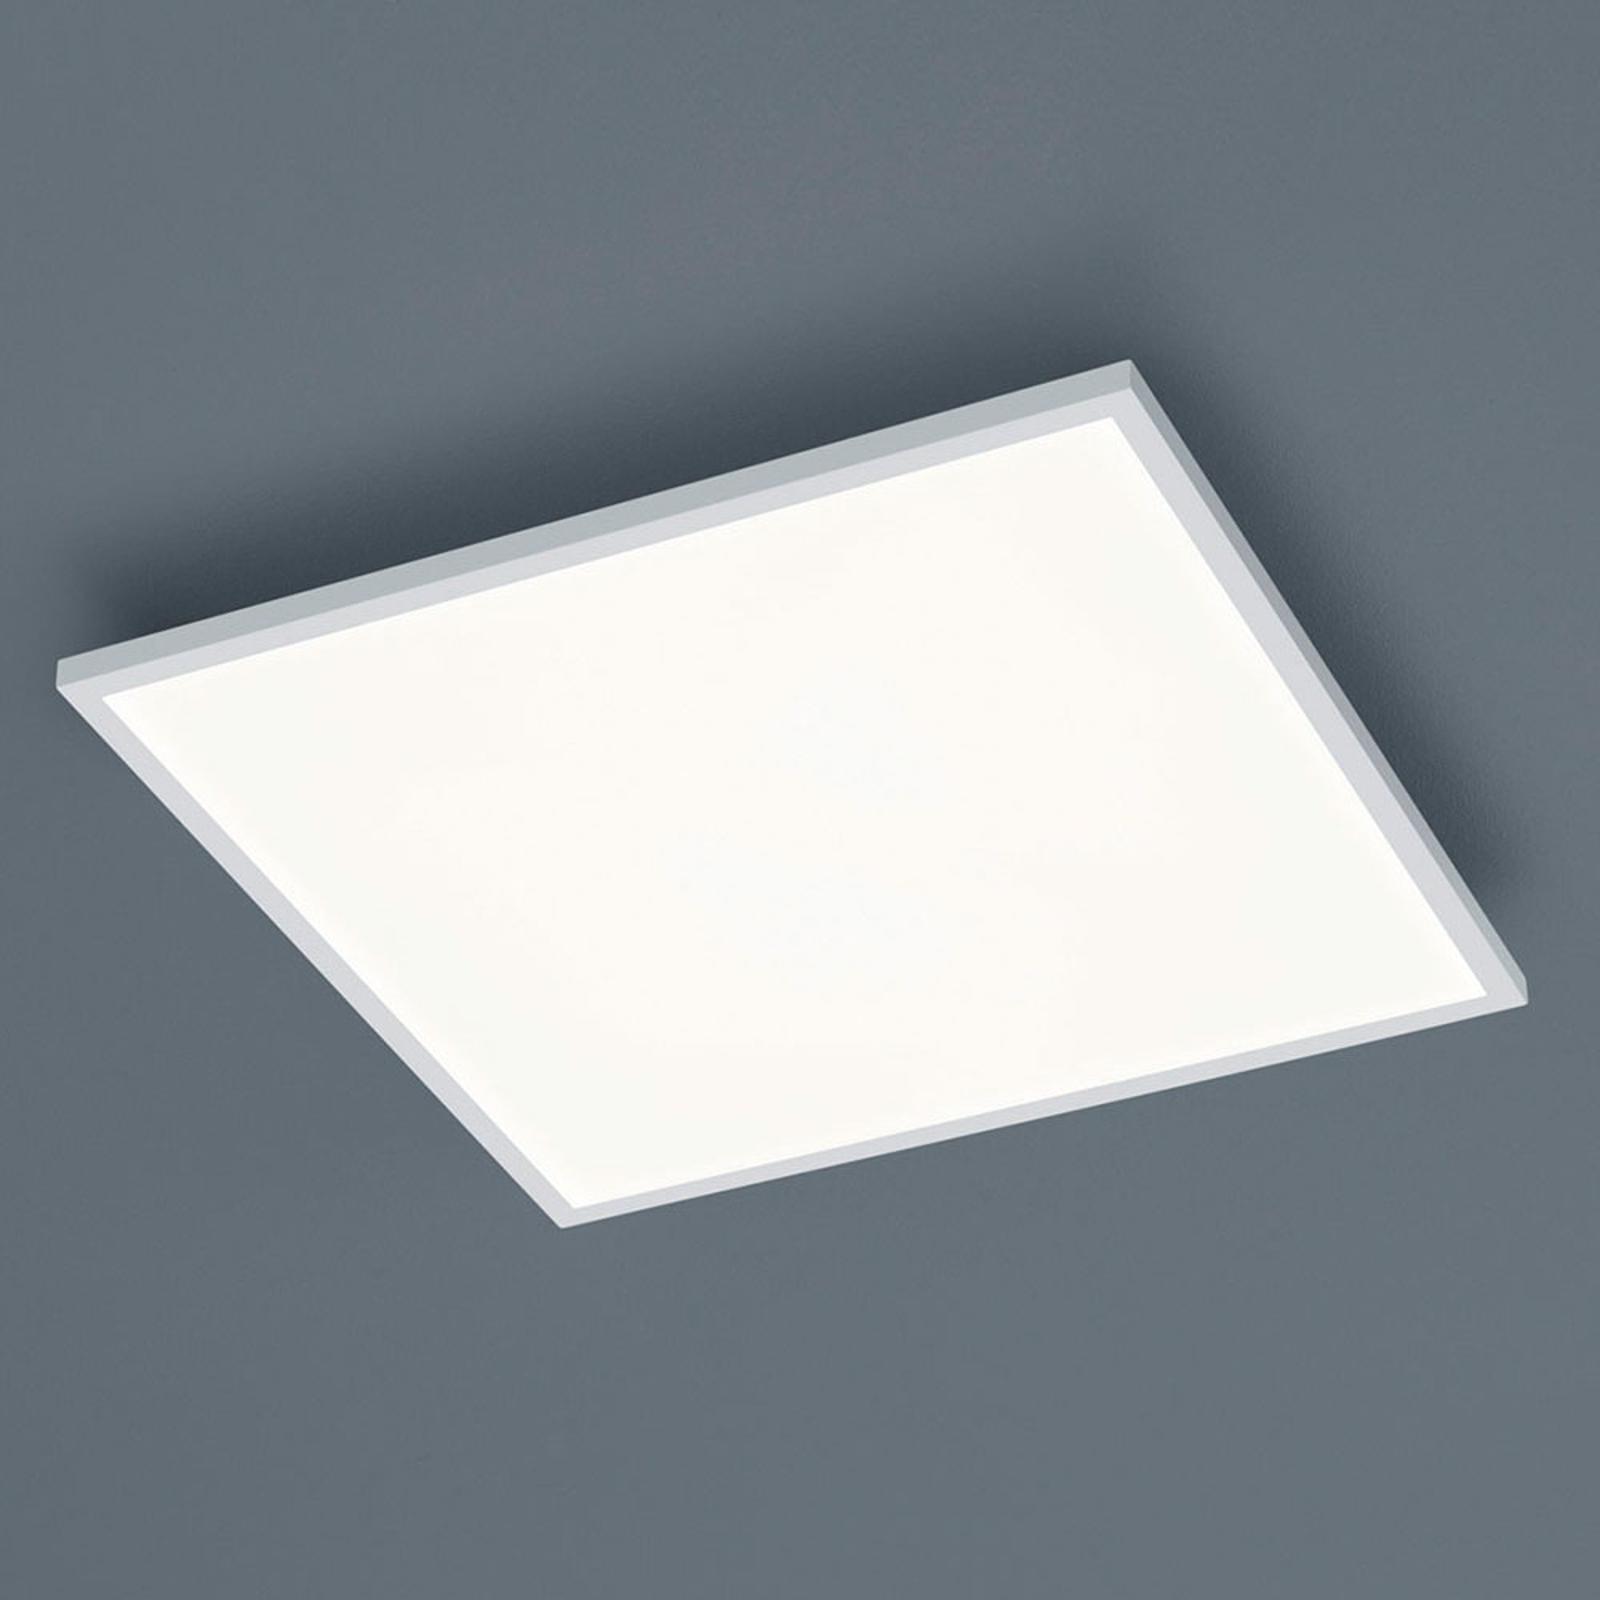 Helestra Rack LED-taklampe, dimbar, kantet, hvit